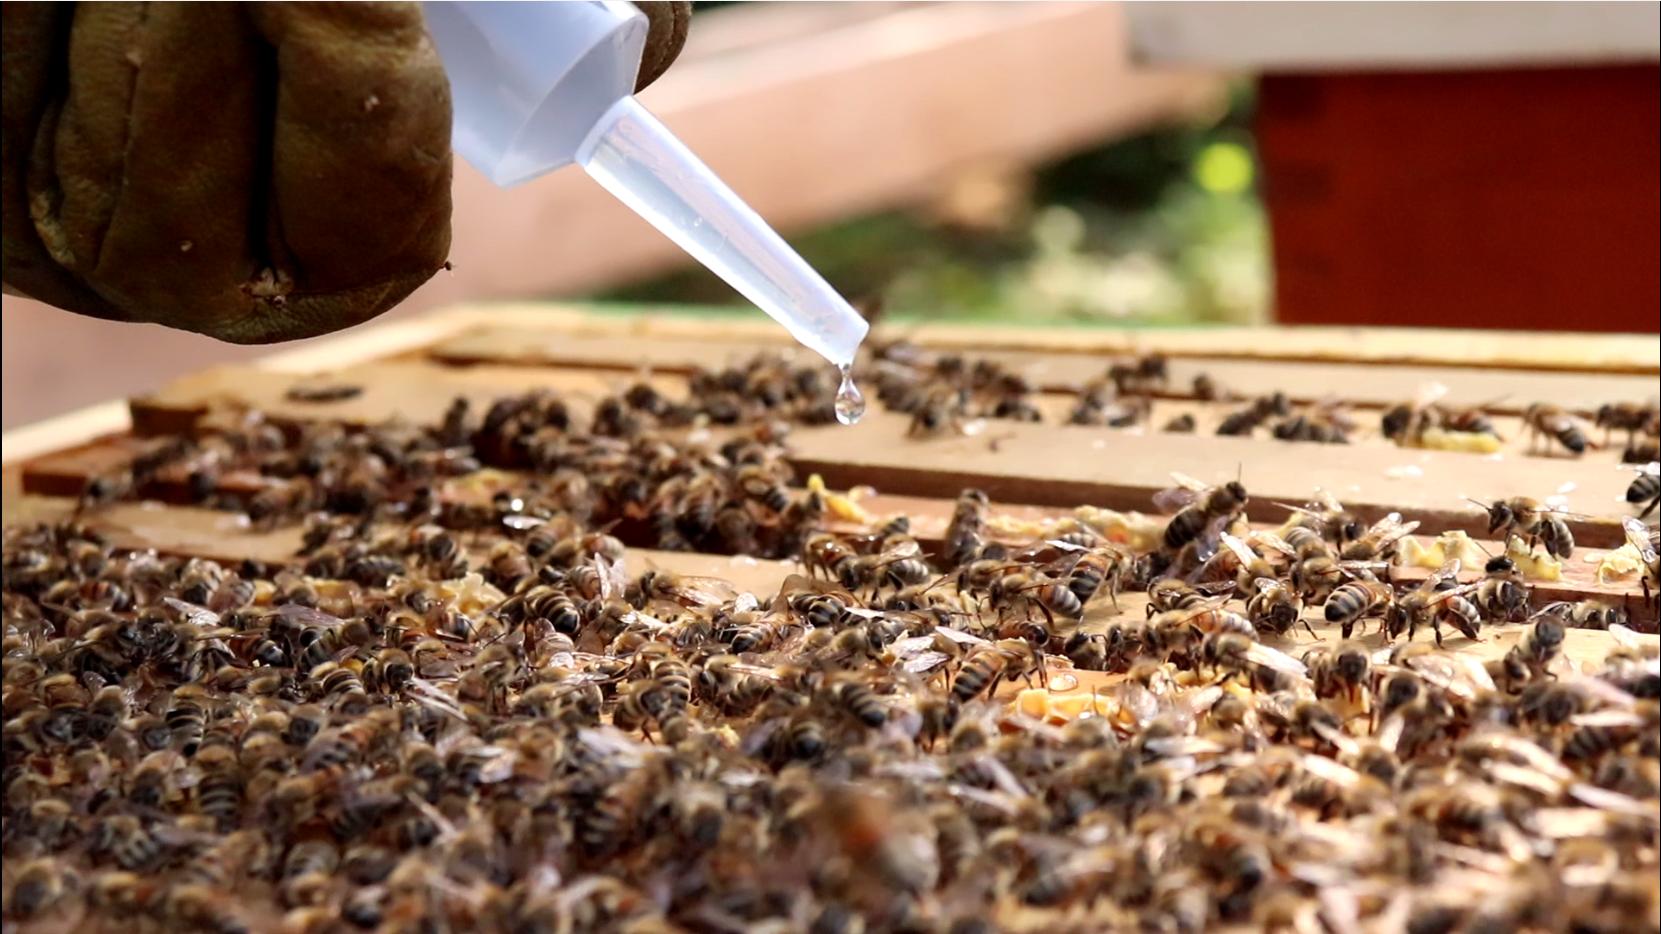 Waarmee behandel ik mijn bijenvolk(en) het best tegen Varroa?